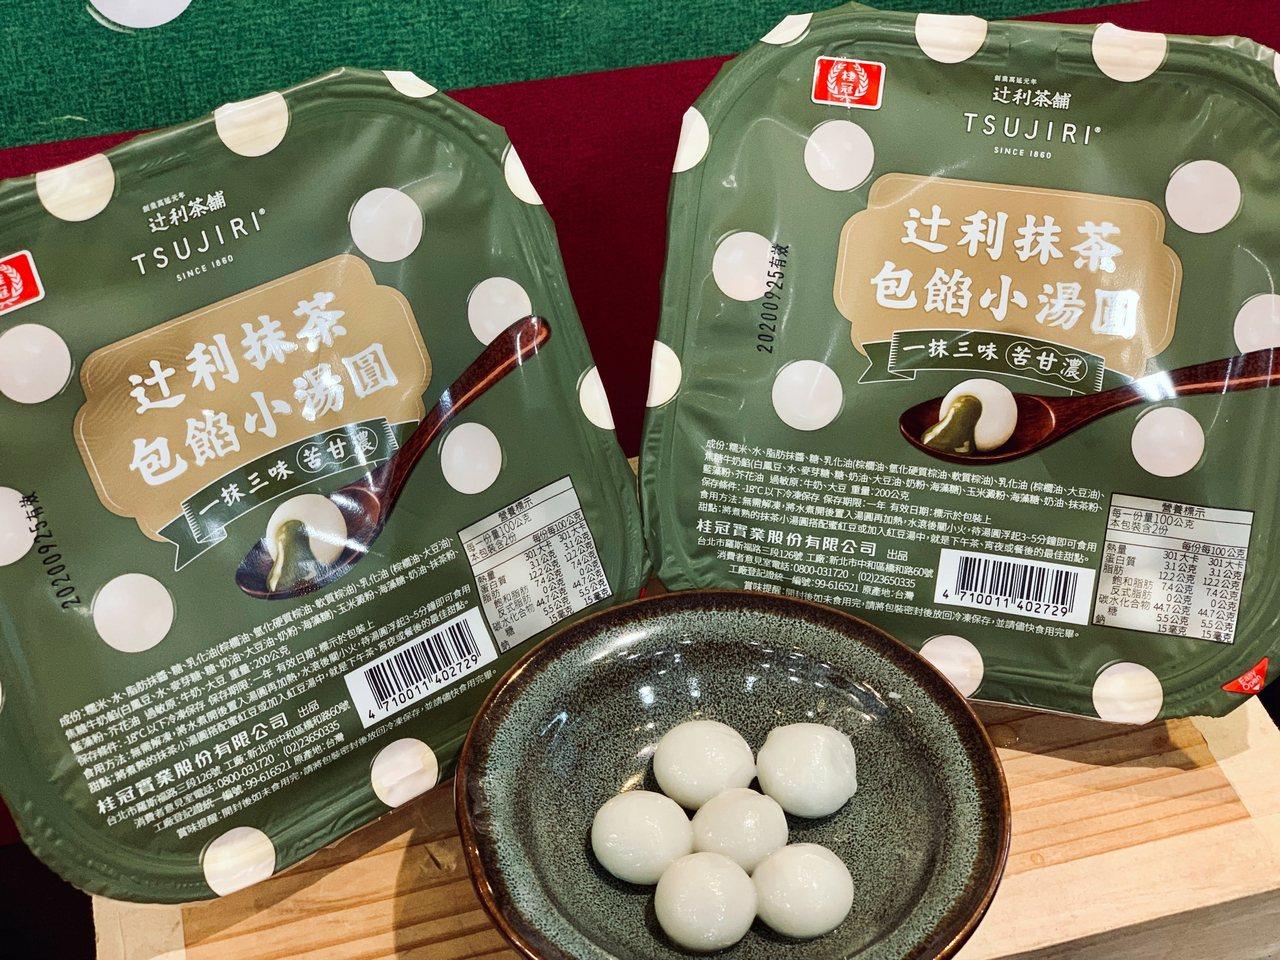 辻利抹茶包餡小湯圓(200g/盒)定價75元。記者張芳瑜/攝影